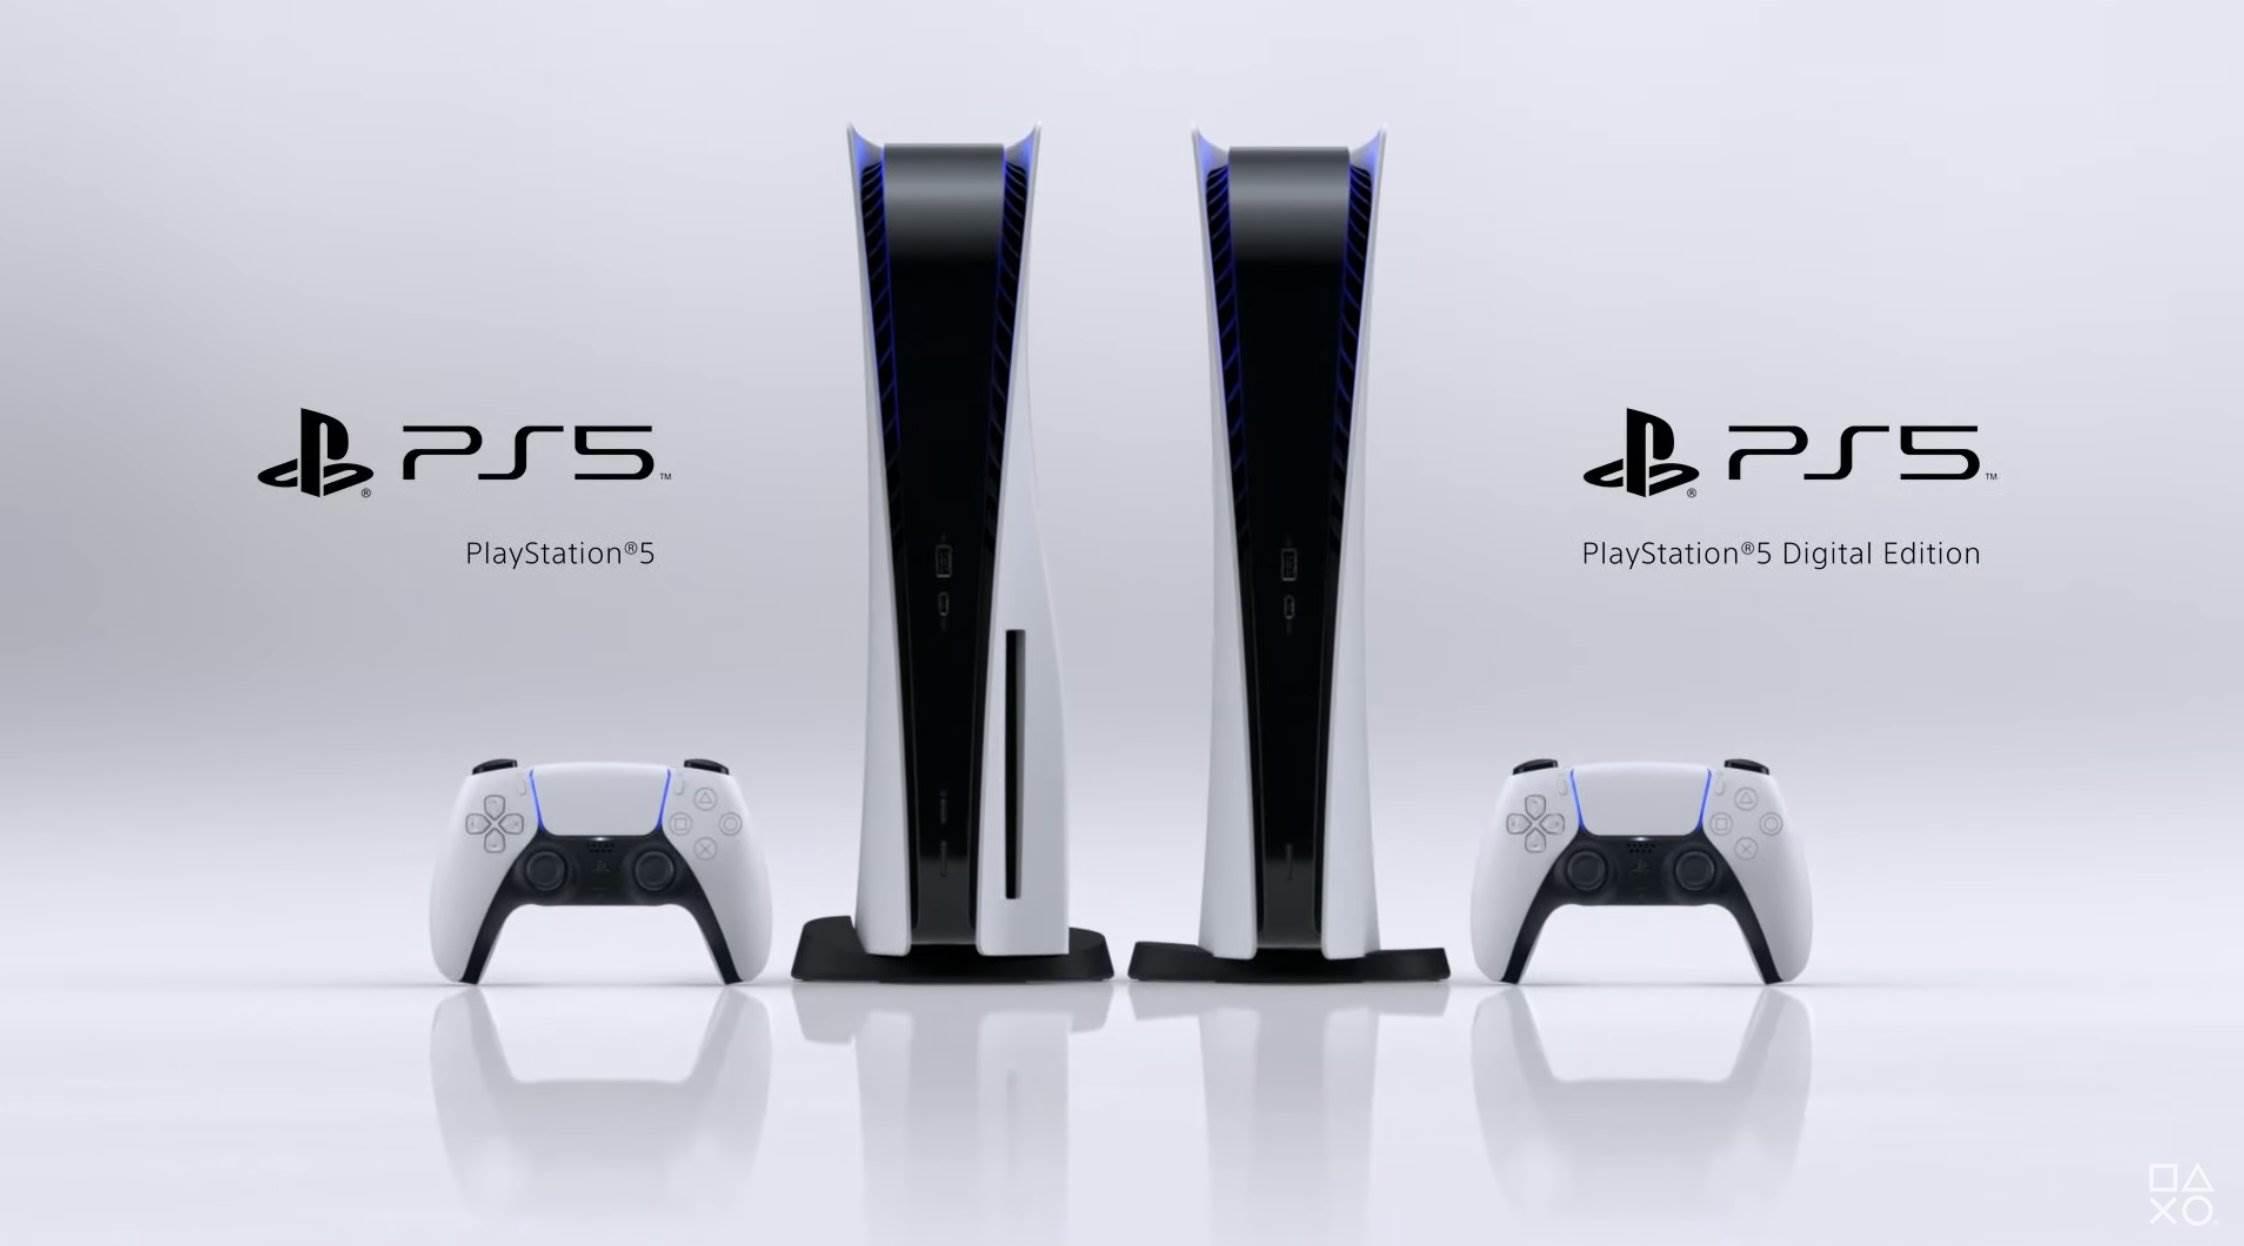 Konsola Sony PlayStation 5 oficjalnie zaprezentowana polecane, ciekawostki wygląd Sony PlayStation 5, wyglad PS5, Wideo, Sony PlayStation 5, jak wygląda PlayStation 5  Wczoraj w godzinach wieczornych Sony wreszcie oficjalnie zaprezentowało tak długo przez wszystkich wyczekiwaną konsolę PlayStation 5. PS 2